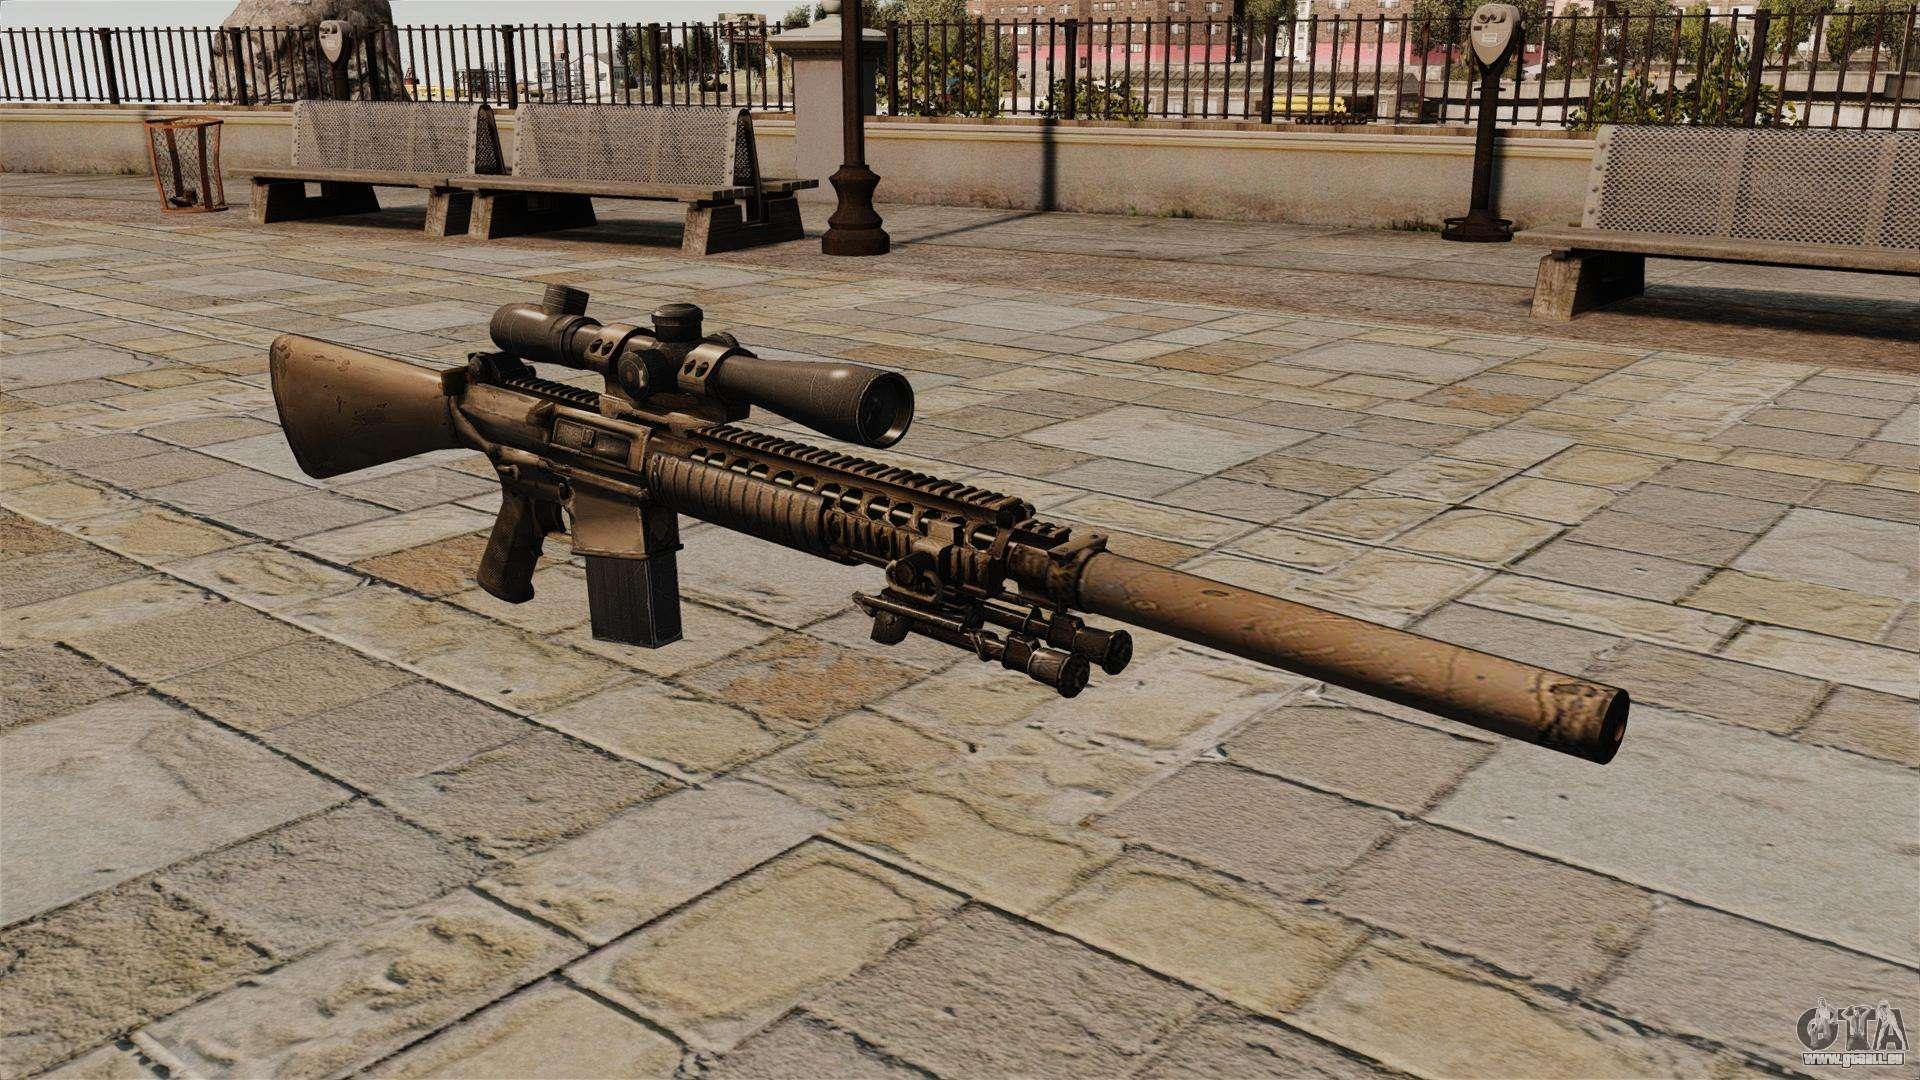 Le fusil de sniper M110 pour  M110 Sniper Rifle